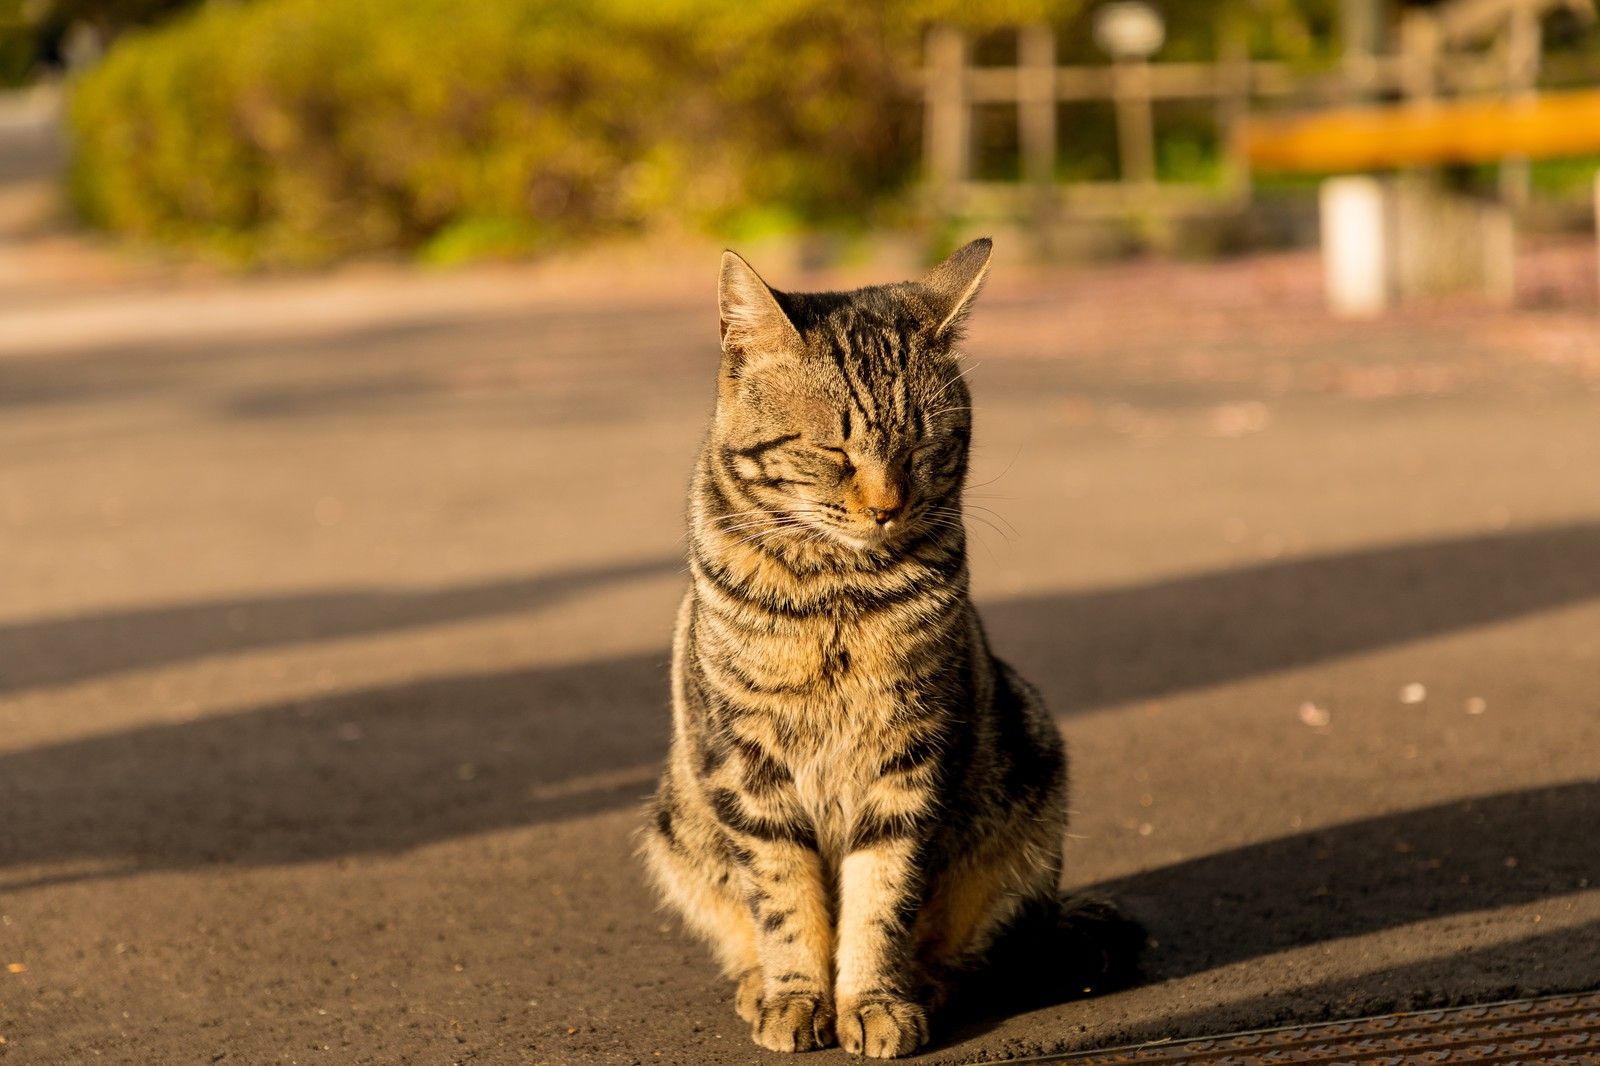 「ネコと伸びる影」の写真